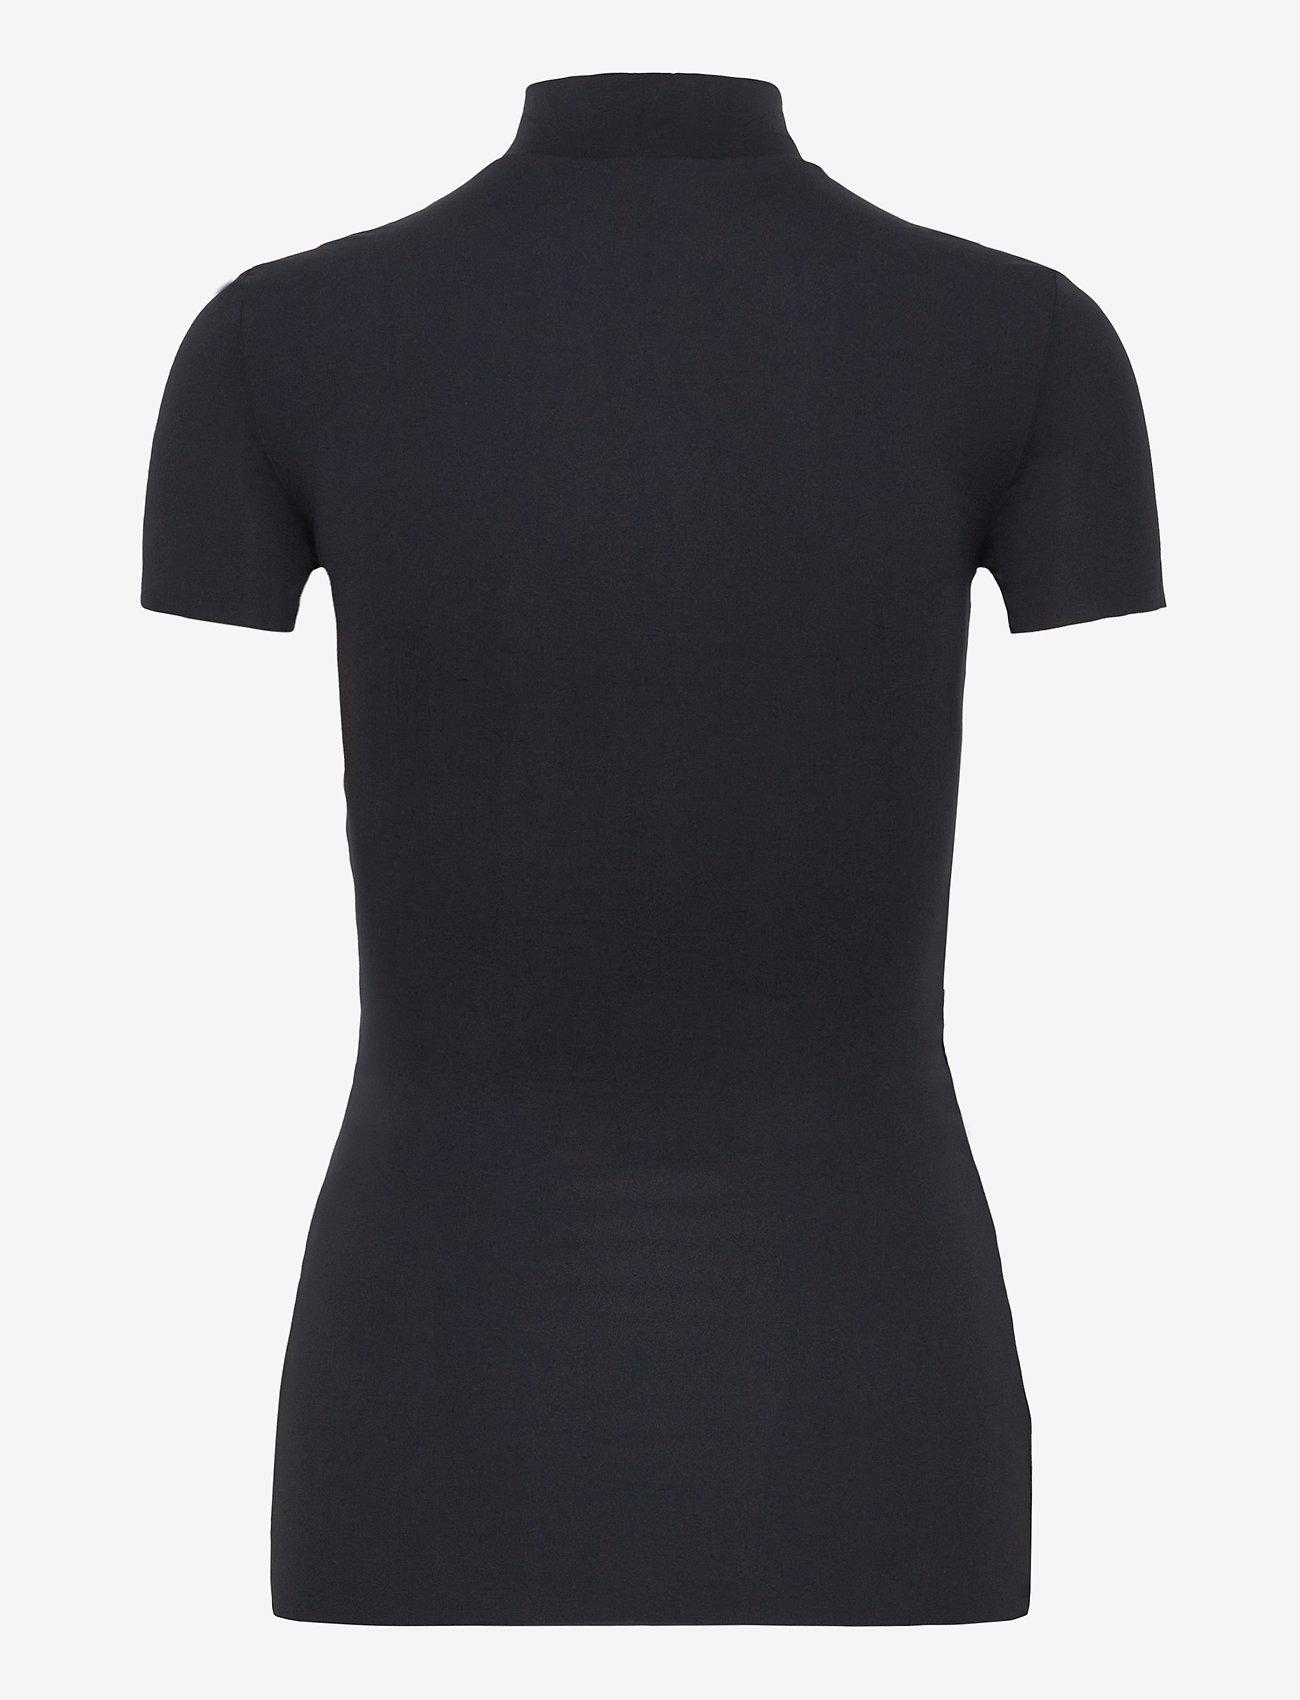 Max&Co. - CRUNA - t-shirts - navy blue - 1